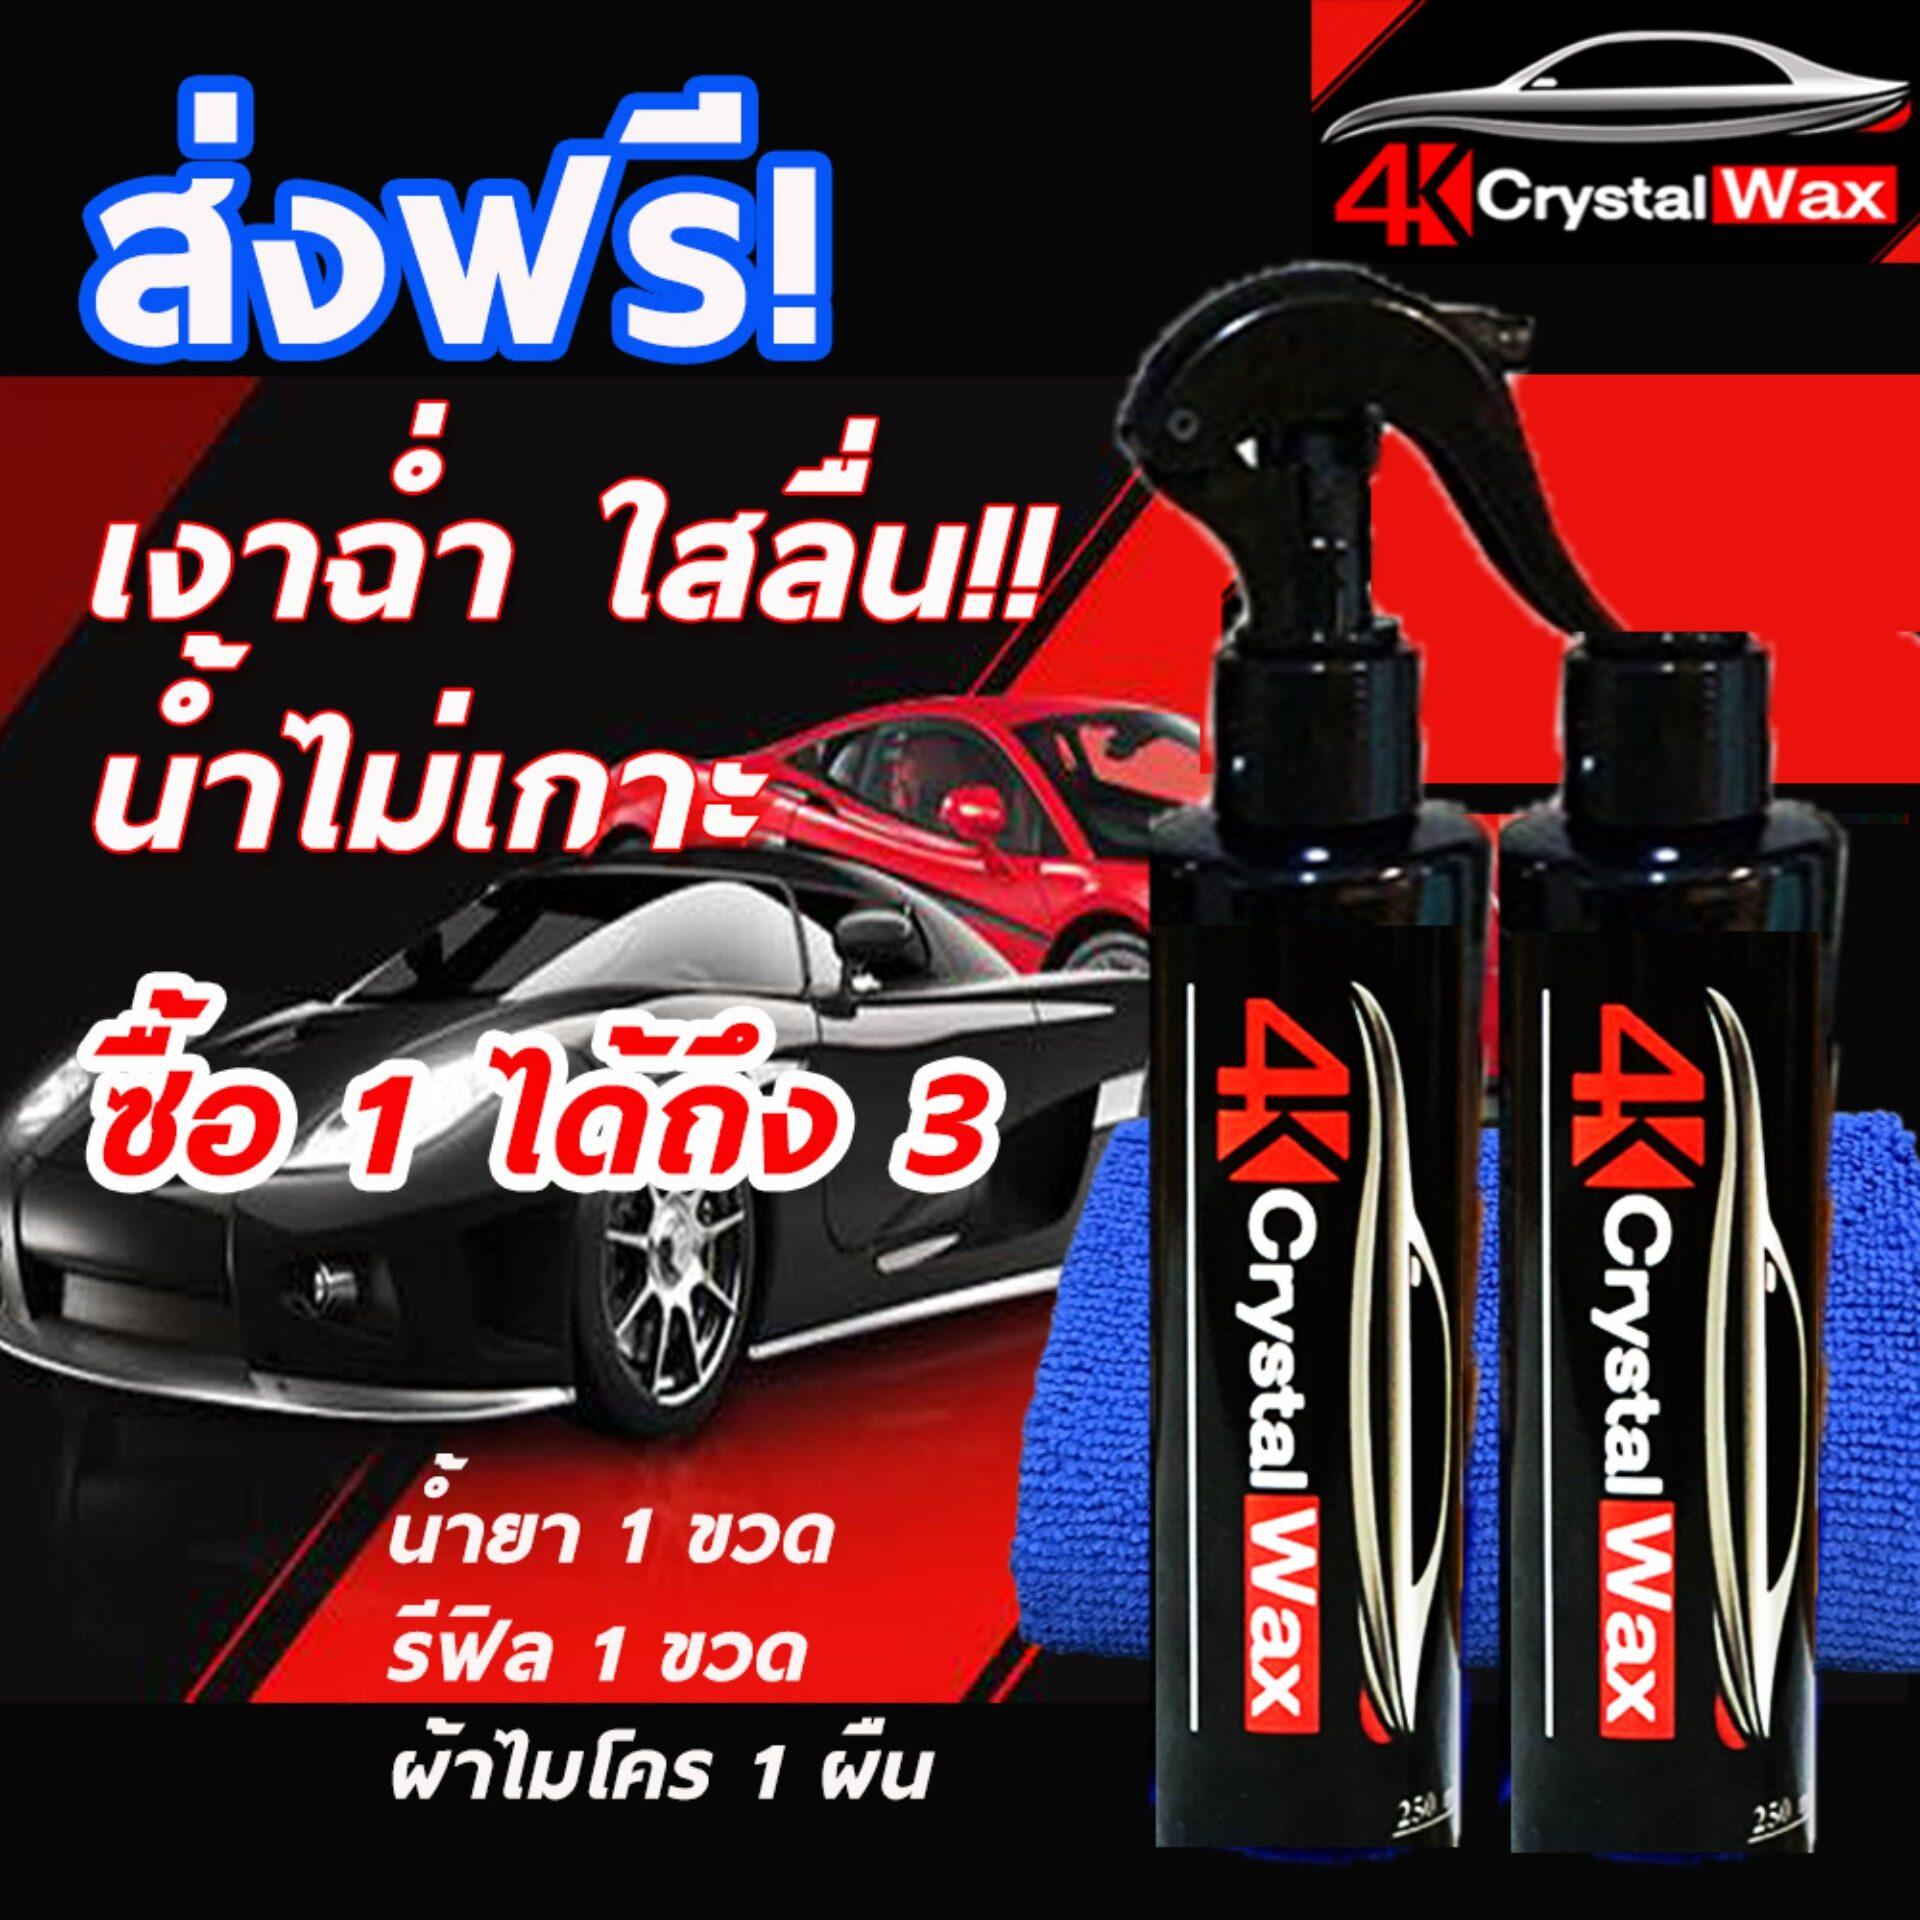 4k สเปรย์เคลือบแก้ว เคลือบแก้ว น้ำยาเคลือบแก้ว  น้ำยาเคลือบสีรถยนต์ น้ำยาเคลือบสีรถ สเปรย์เคลือบรถ น้ำยาเคลือบสีรถwax น้ำยาเคลือบเงา 4k Crystal Wax ซื้อ1แถม2  ได้น้ำยา 2 ขวด+ผ้าไมโครไฟเบอร์ 1 ผืน.